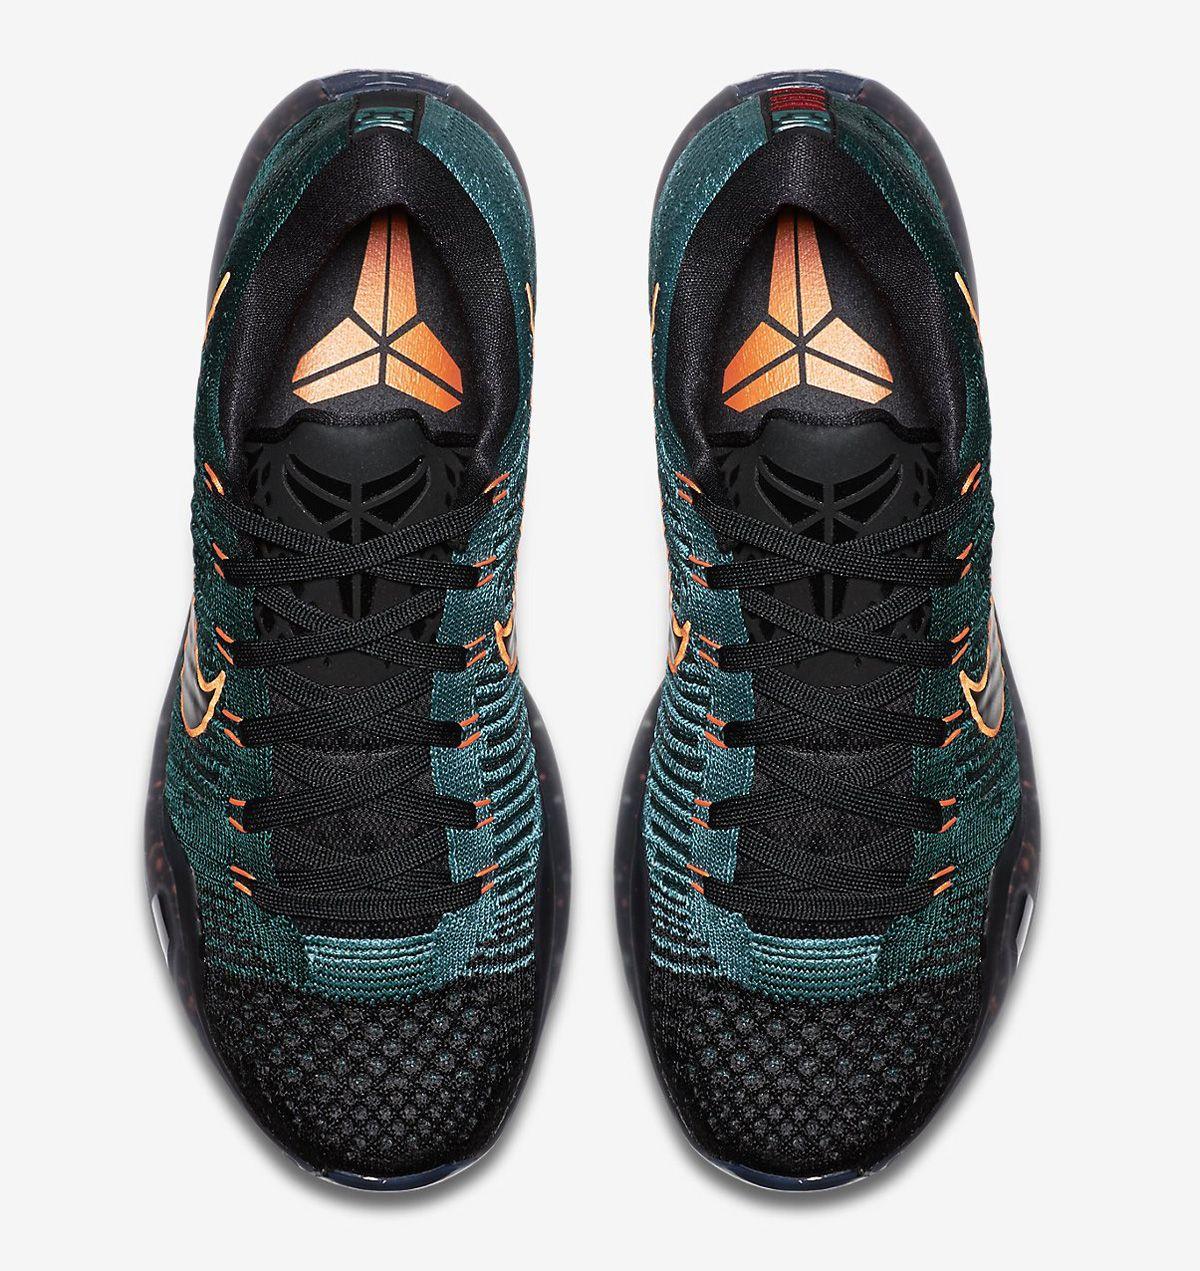 58d6fa6944d ... 747212 303 b3af0 10334  ireland nike kobe x elite low drill sergeant eu  kicks sneaker magazine b24f3 9f2a2